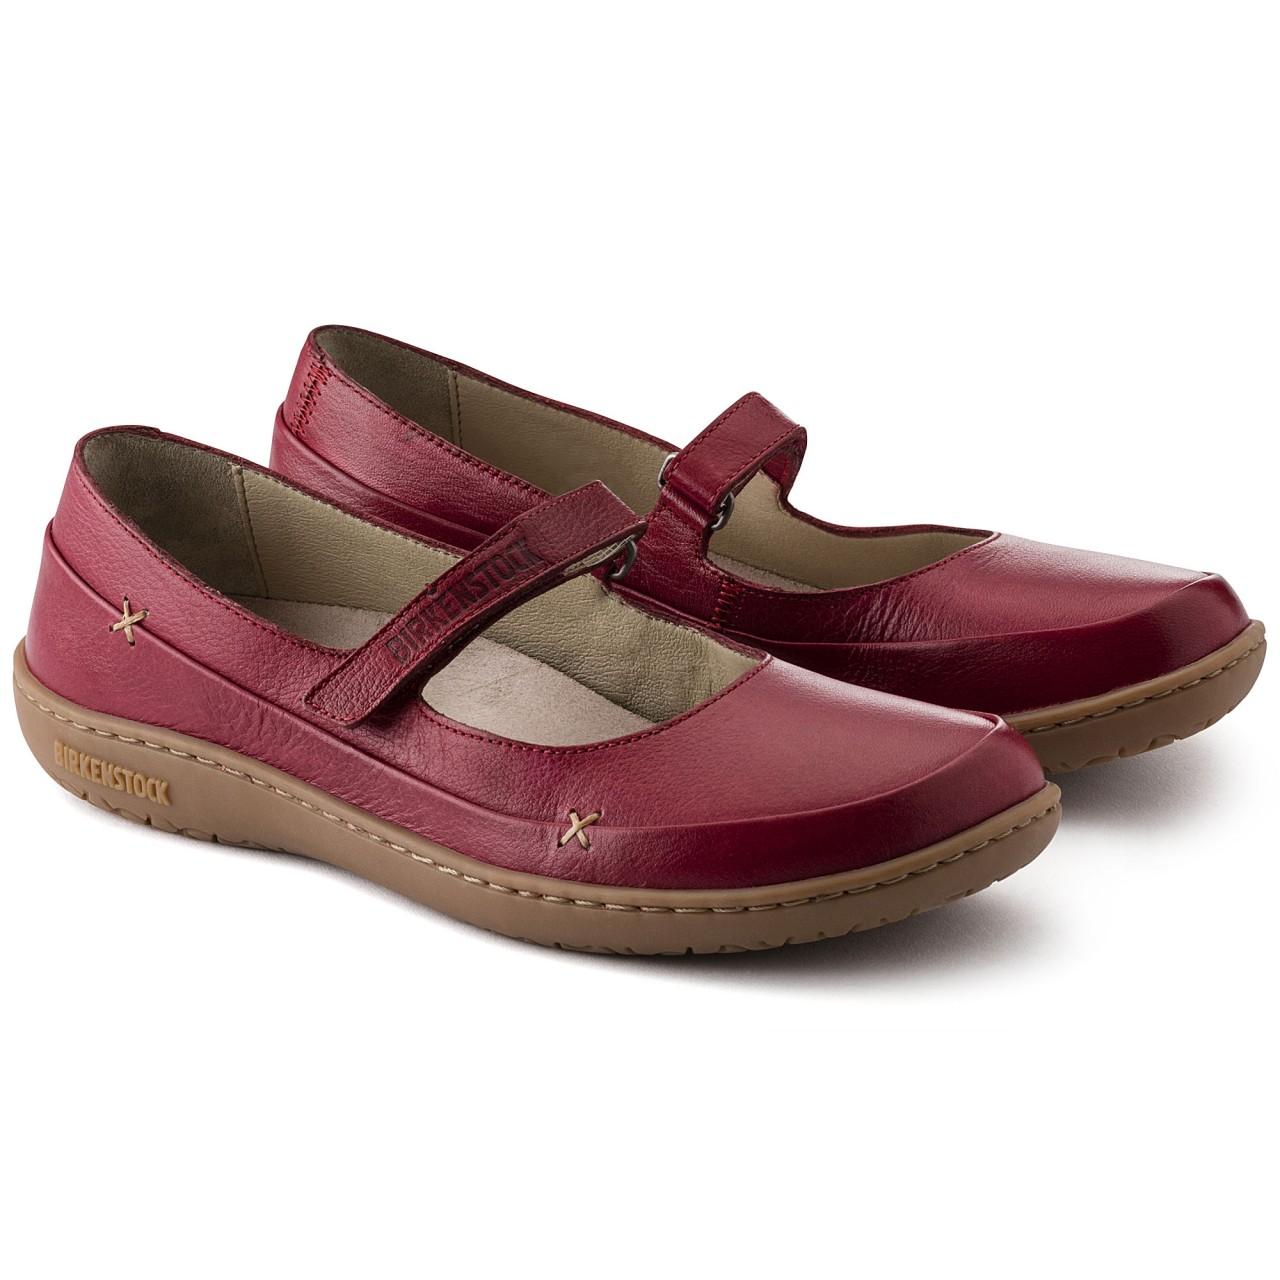 birkenstock-iona-red-1004578-pelle-rossa-sconti-offerte-promozioni-prato-ancona-verona-prato